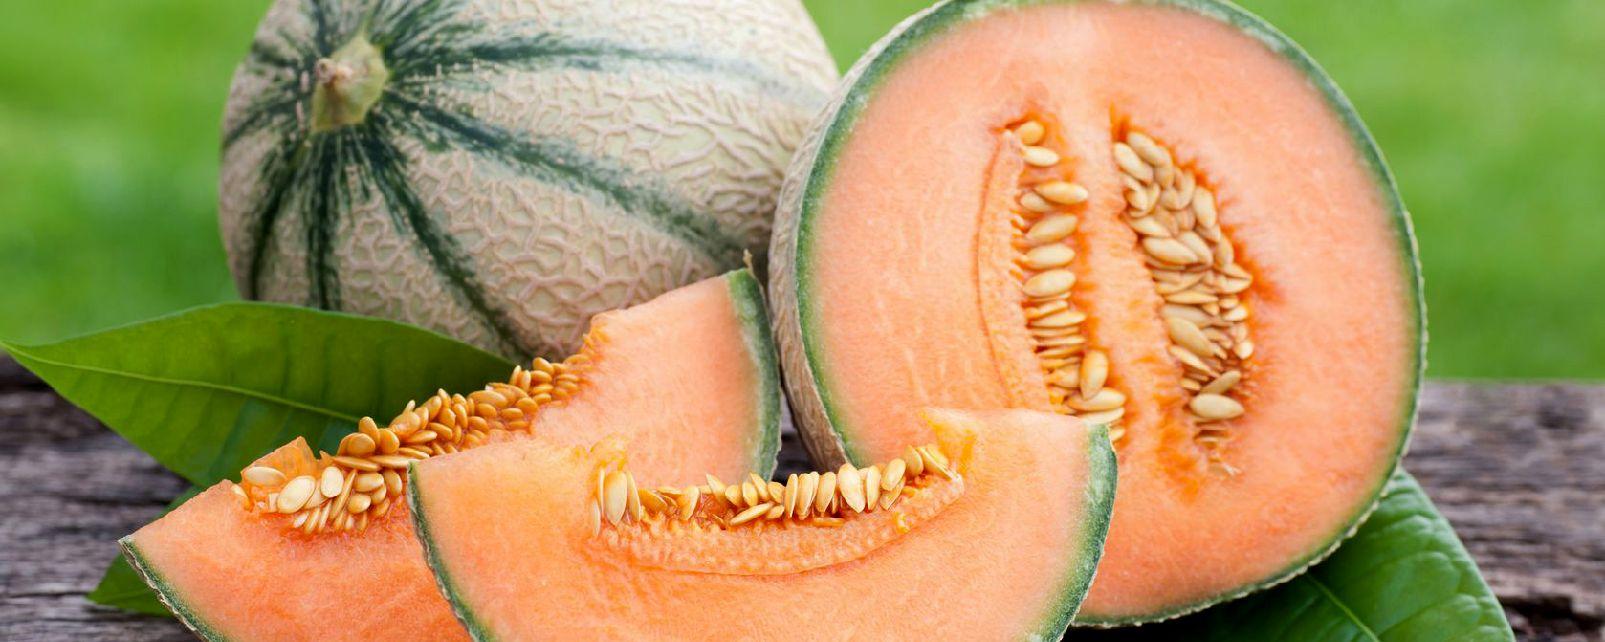 Cavaillon melon , The Cavaillon melon , France